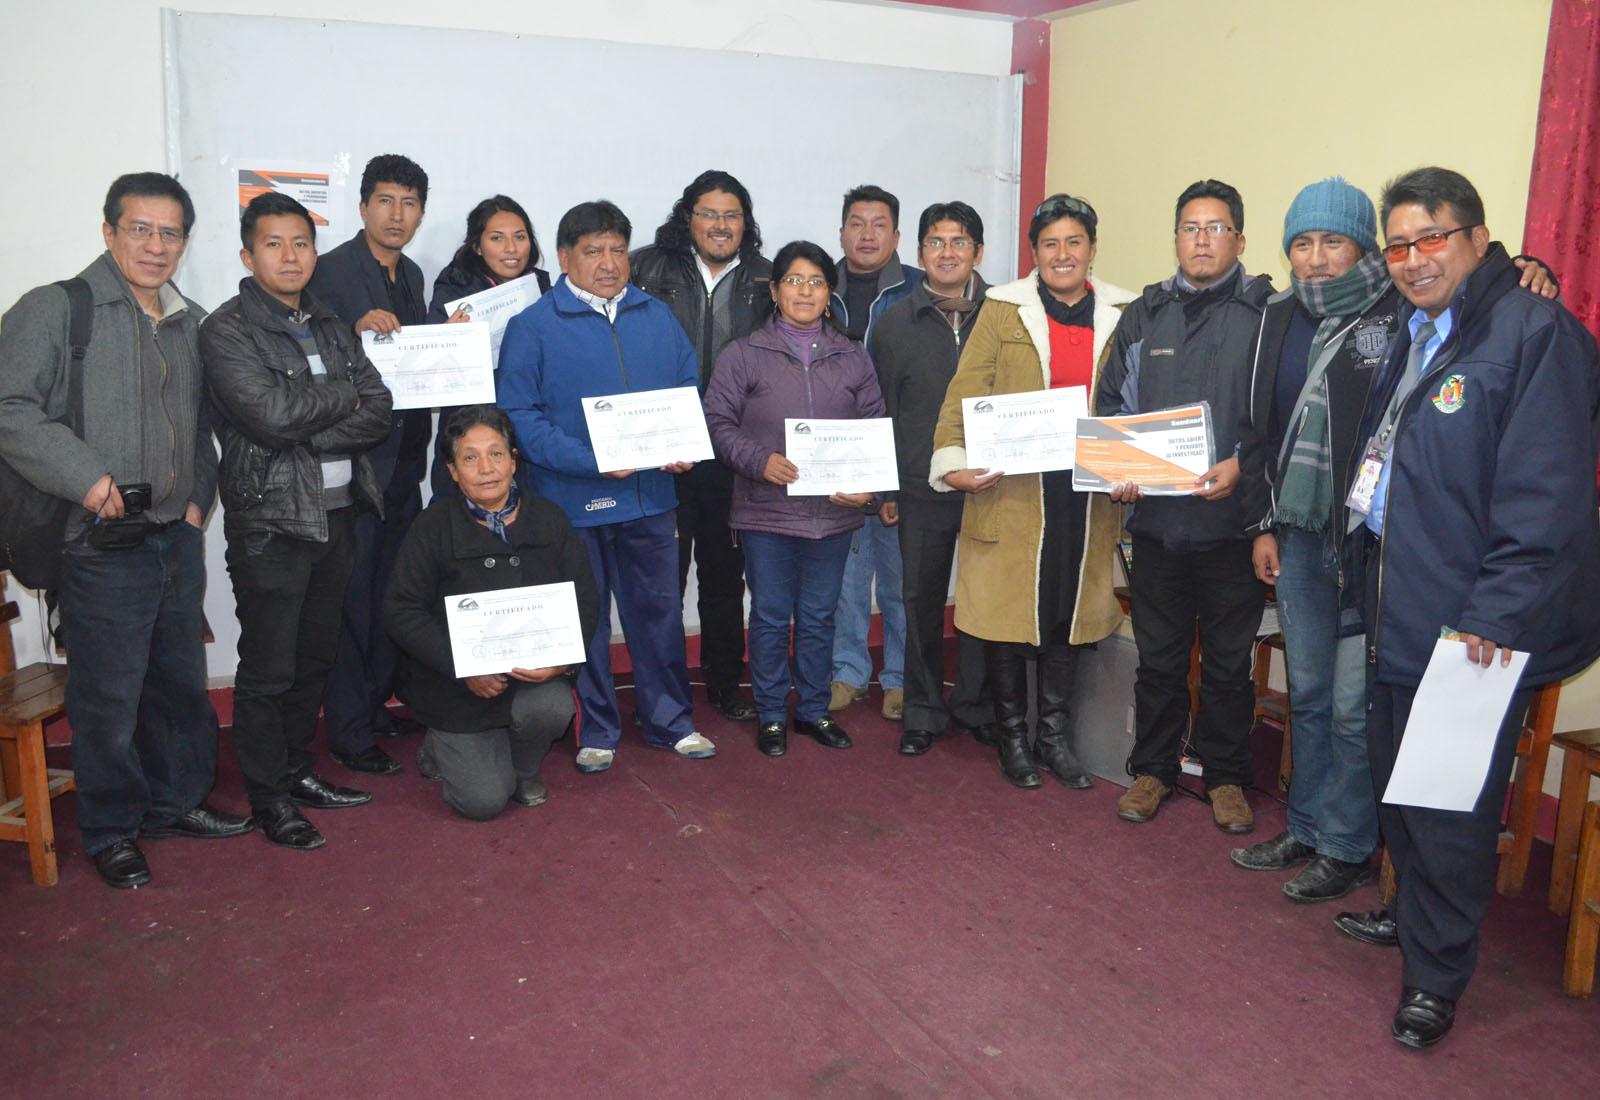 El seminario desarrollado en El Alto fue certificado para los participantes